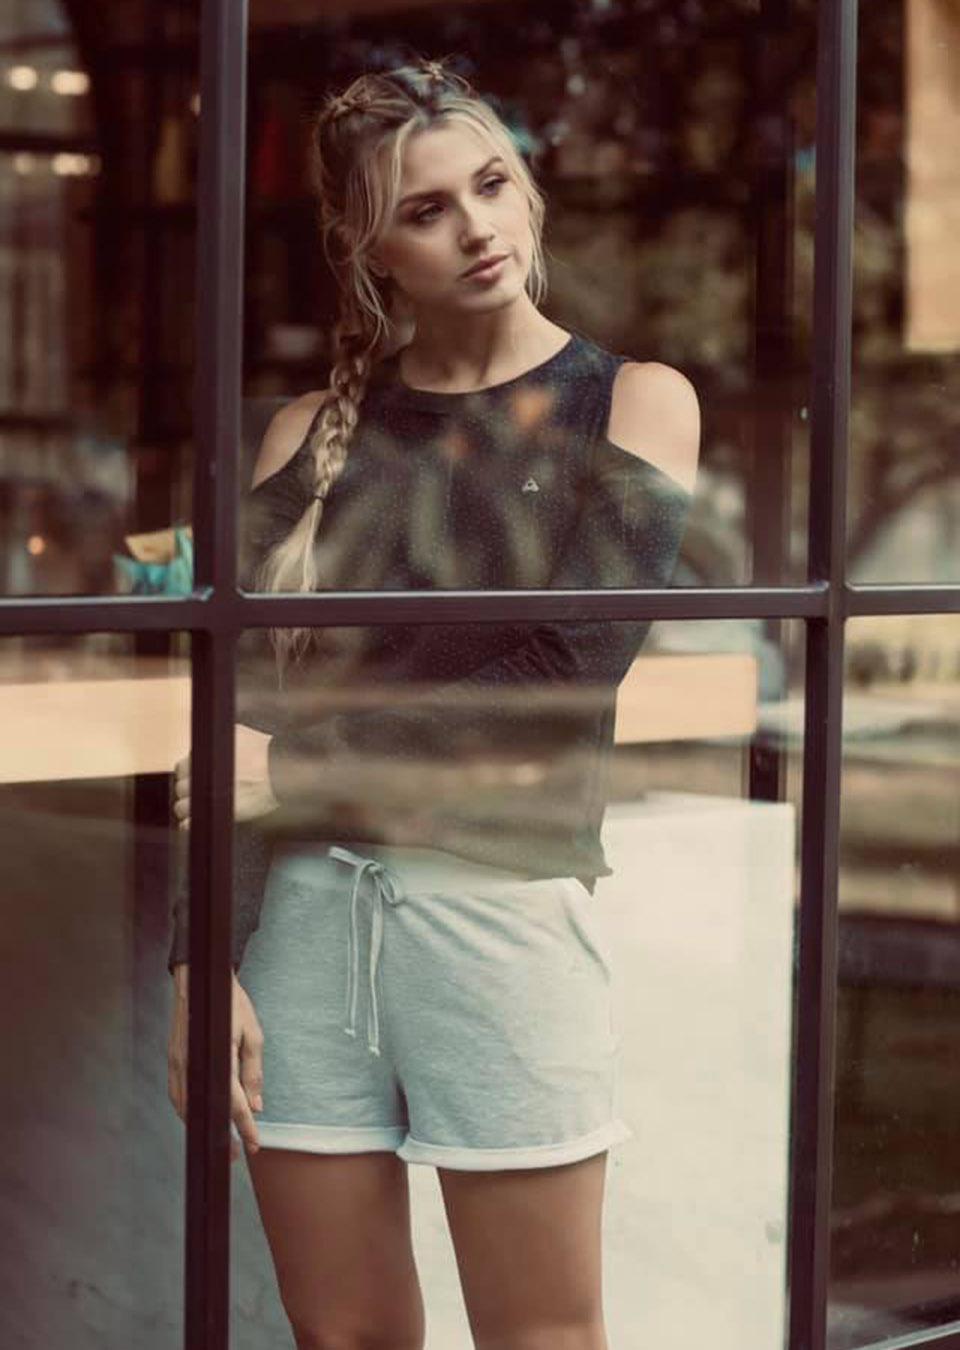 adriana contreras (22)